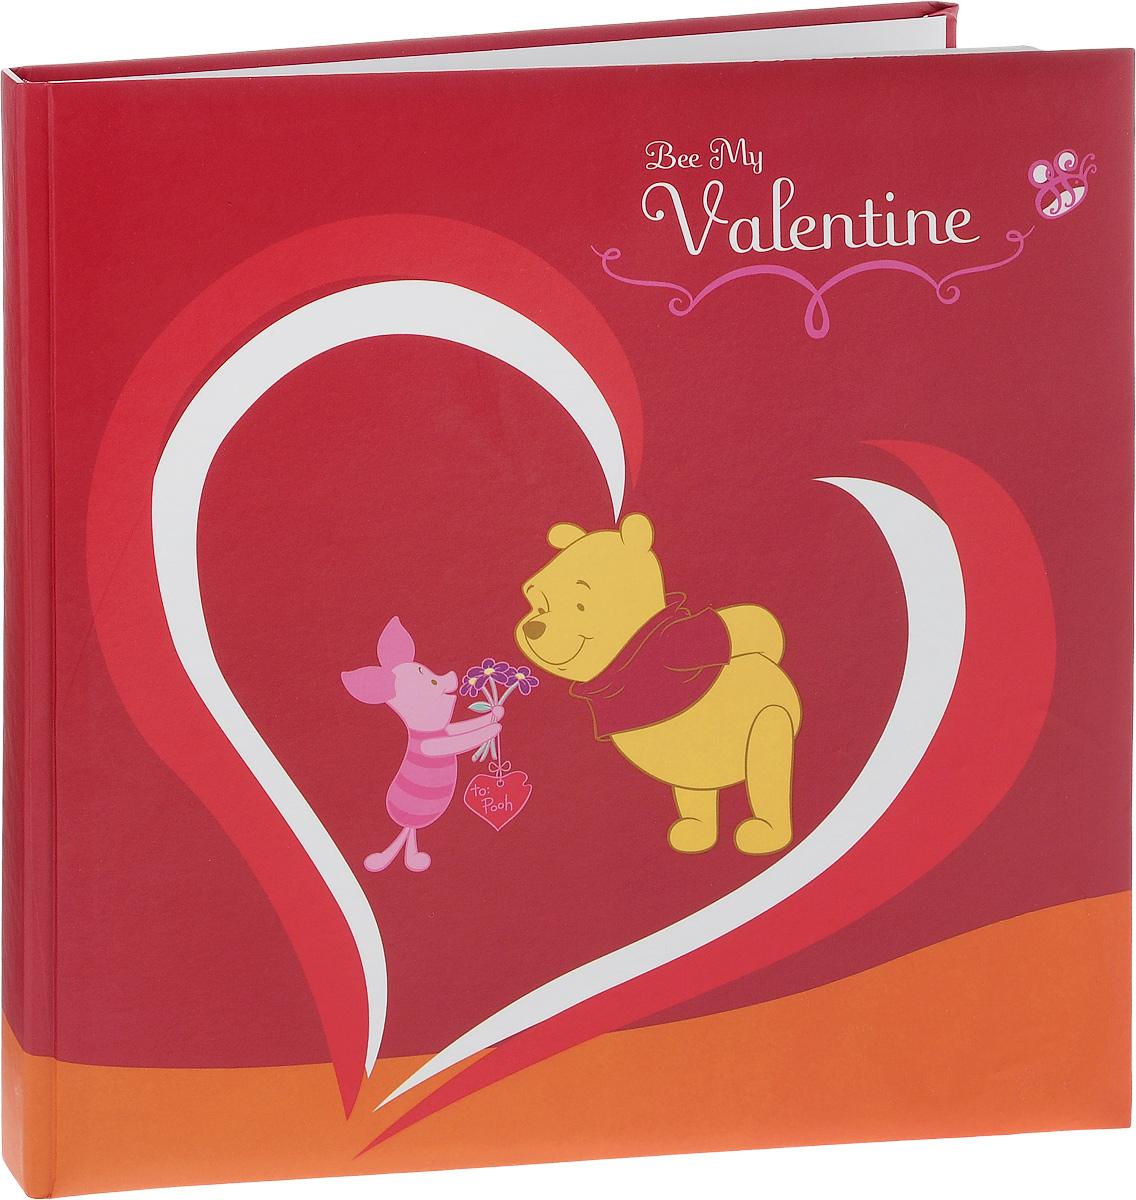 Фотоальбом Pioneer Disney Valentine, цвет: красный, 20 магнитных листов, 29 х 32 смRG-D31SФотоальбом Pioneer Disney Valentine поможет красиво оформить ваши фотографии.Обложка, выполненная из толстого картона, оформлена красочным детским рисунком. Альбом с магнитными листами удобен тем, что он позволяет размещать фотографии разных размеров. Тип скрепления - спираль.Магнитные страницы обладают следующими преимуществами: - Не нужно прикладывать усилий для закрепления фотографий; - Не нужно заботиться о размерах фотографий, так как вы можете вставить вальбом фотографии разных размеров; - Защита фотографий от постоянных прикосновений зрителей с помощью пленки ПВХ.Нам всегда так приятно вспоминать о самых счастливых моментах жизни, запечатленных нафотографиях. Поэтому фотоальбом являетсяуниверсальным подарком к любому празднику.Количество листов: 20 шт.Размер листа: 29 х 32 см.